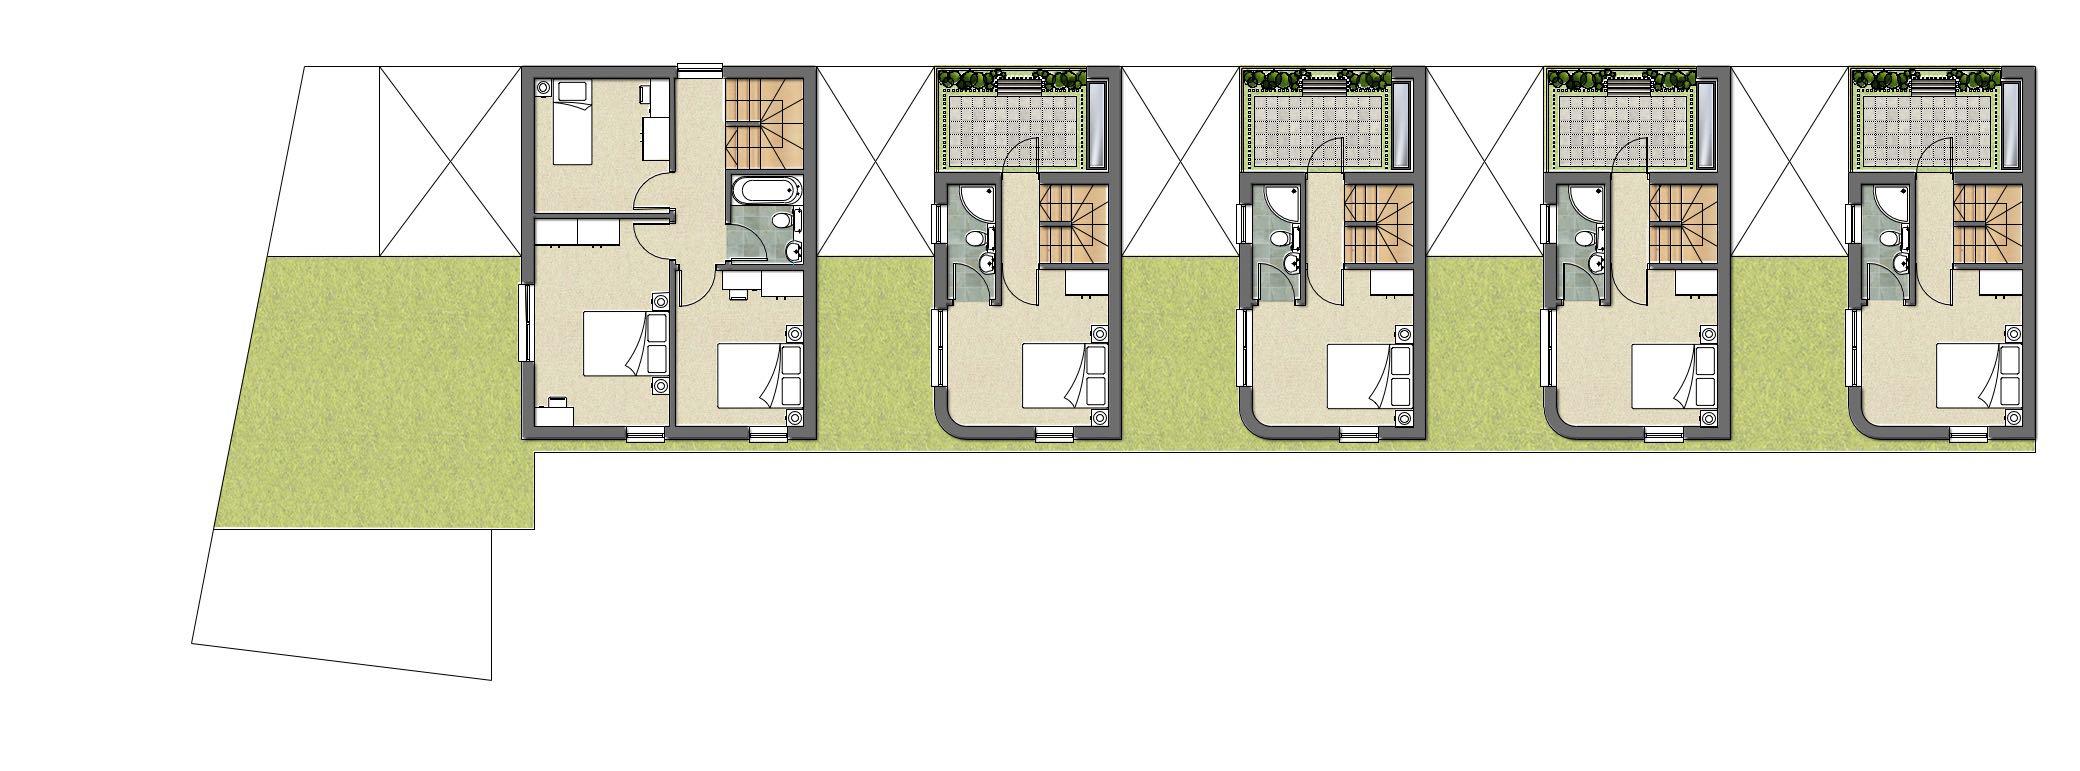 A173-Conyer's Road - Floor Plans 3.jpg